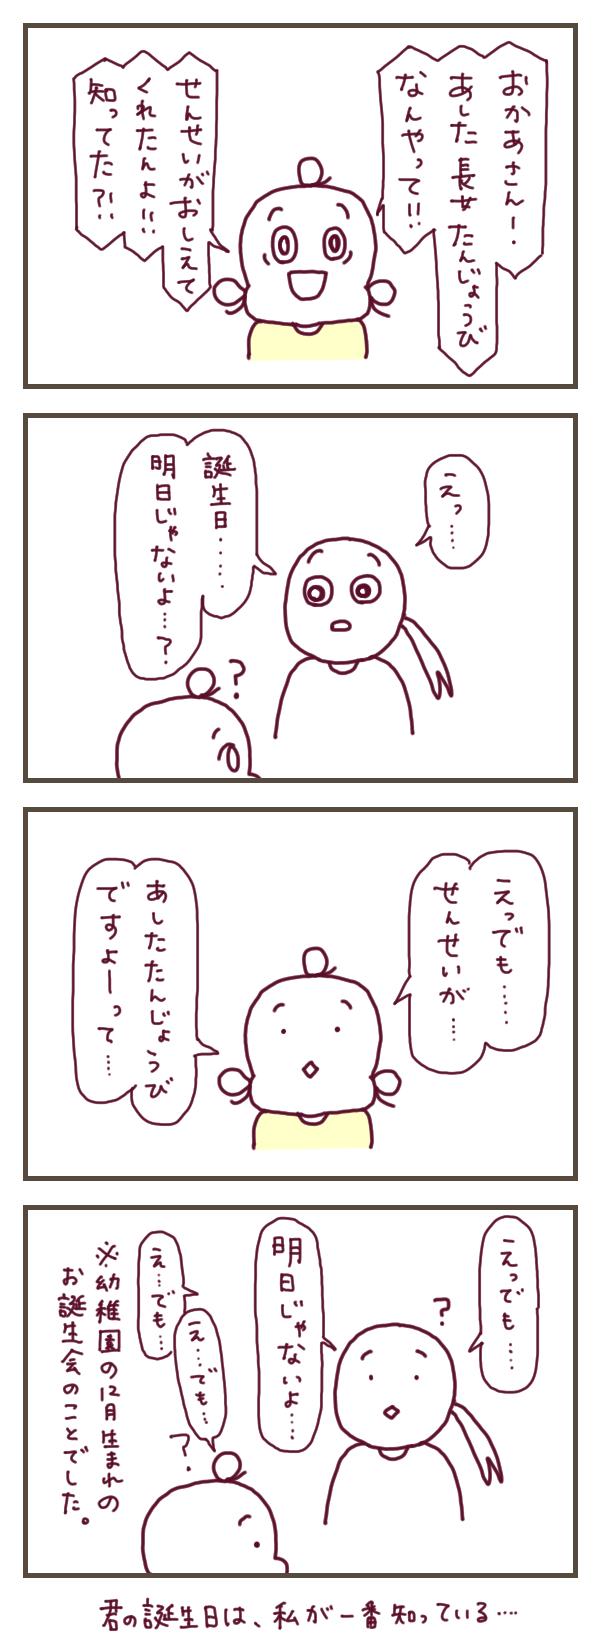 f:id:konatsusuika:20191219220445j:plain